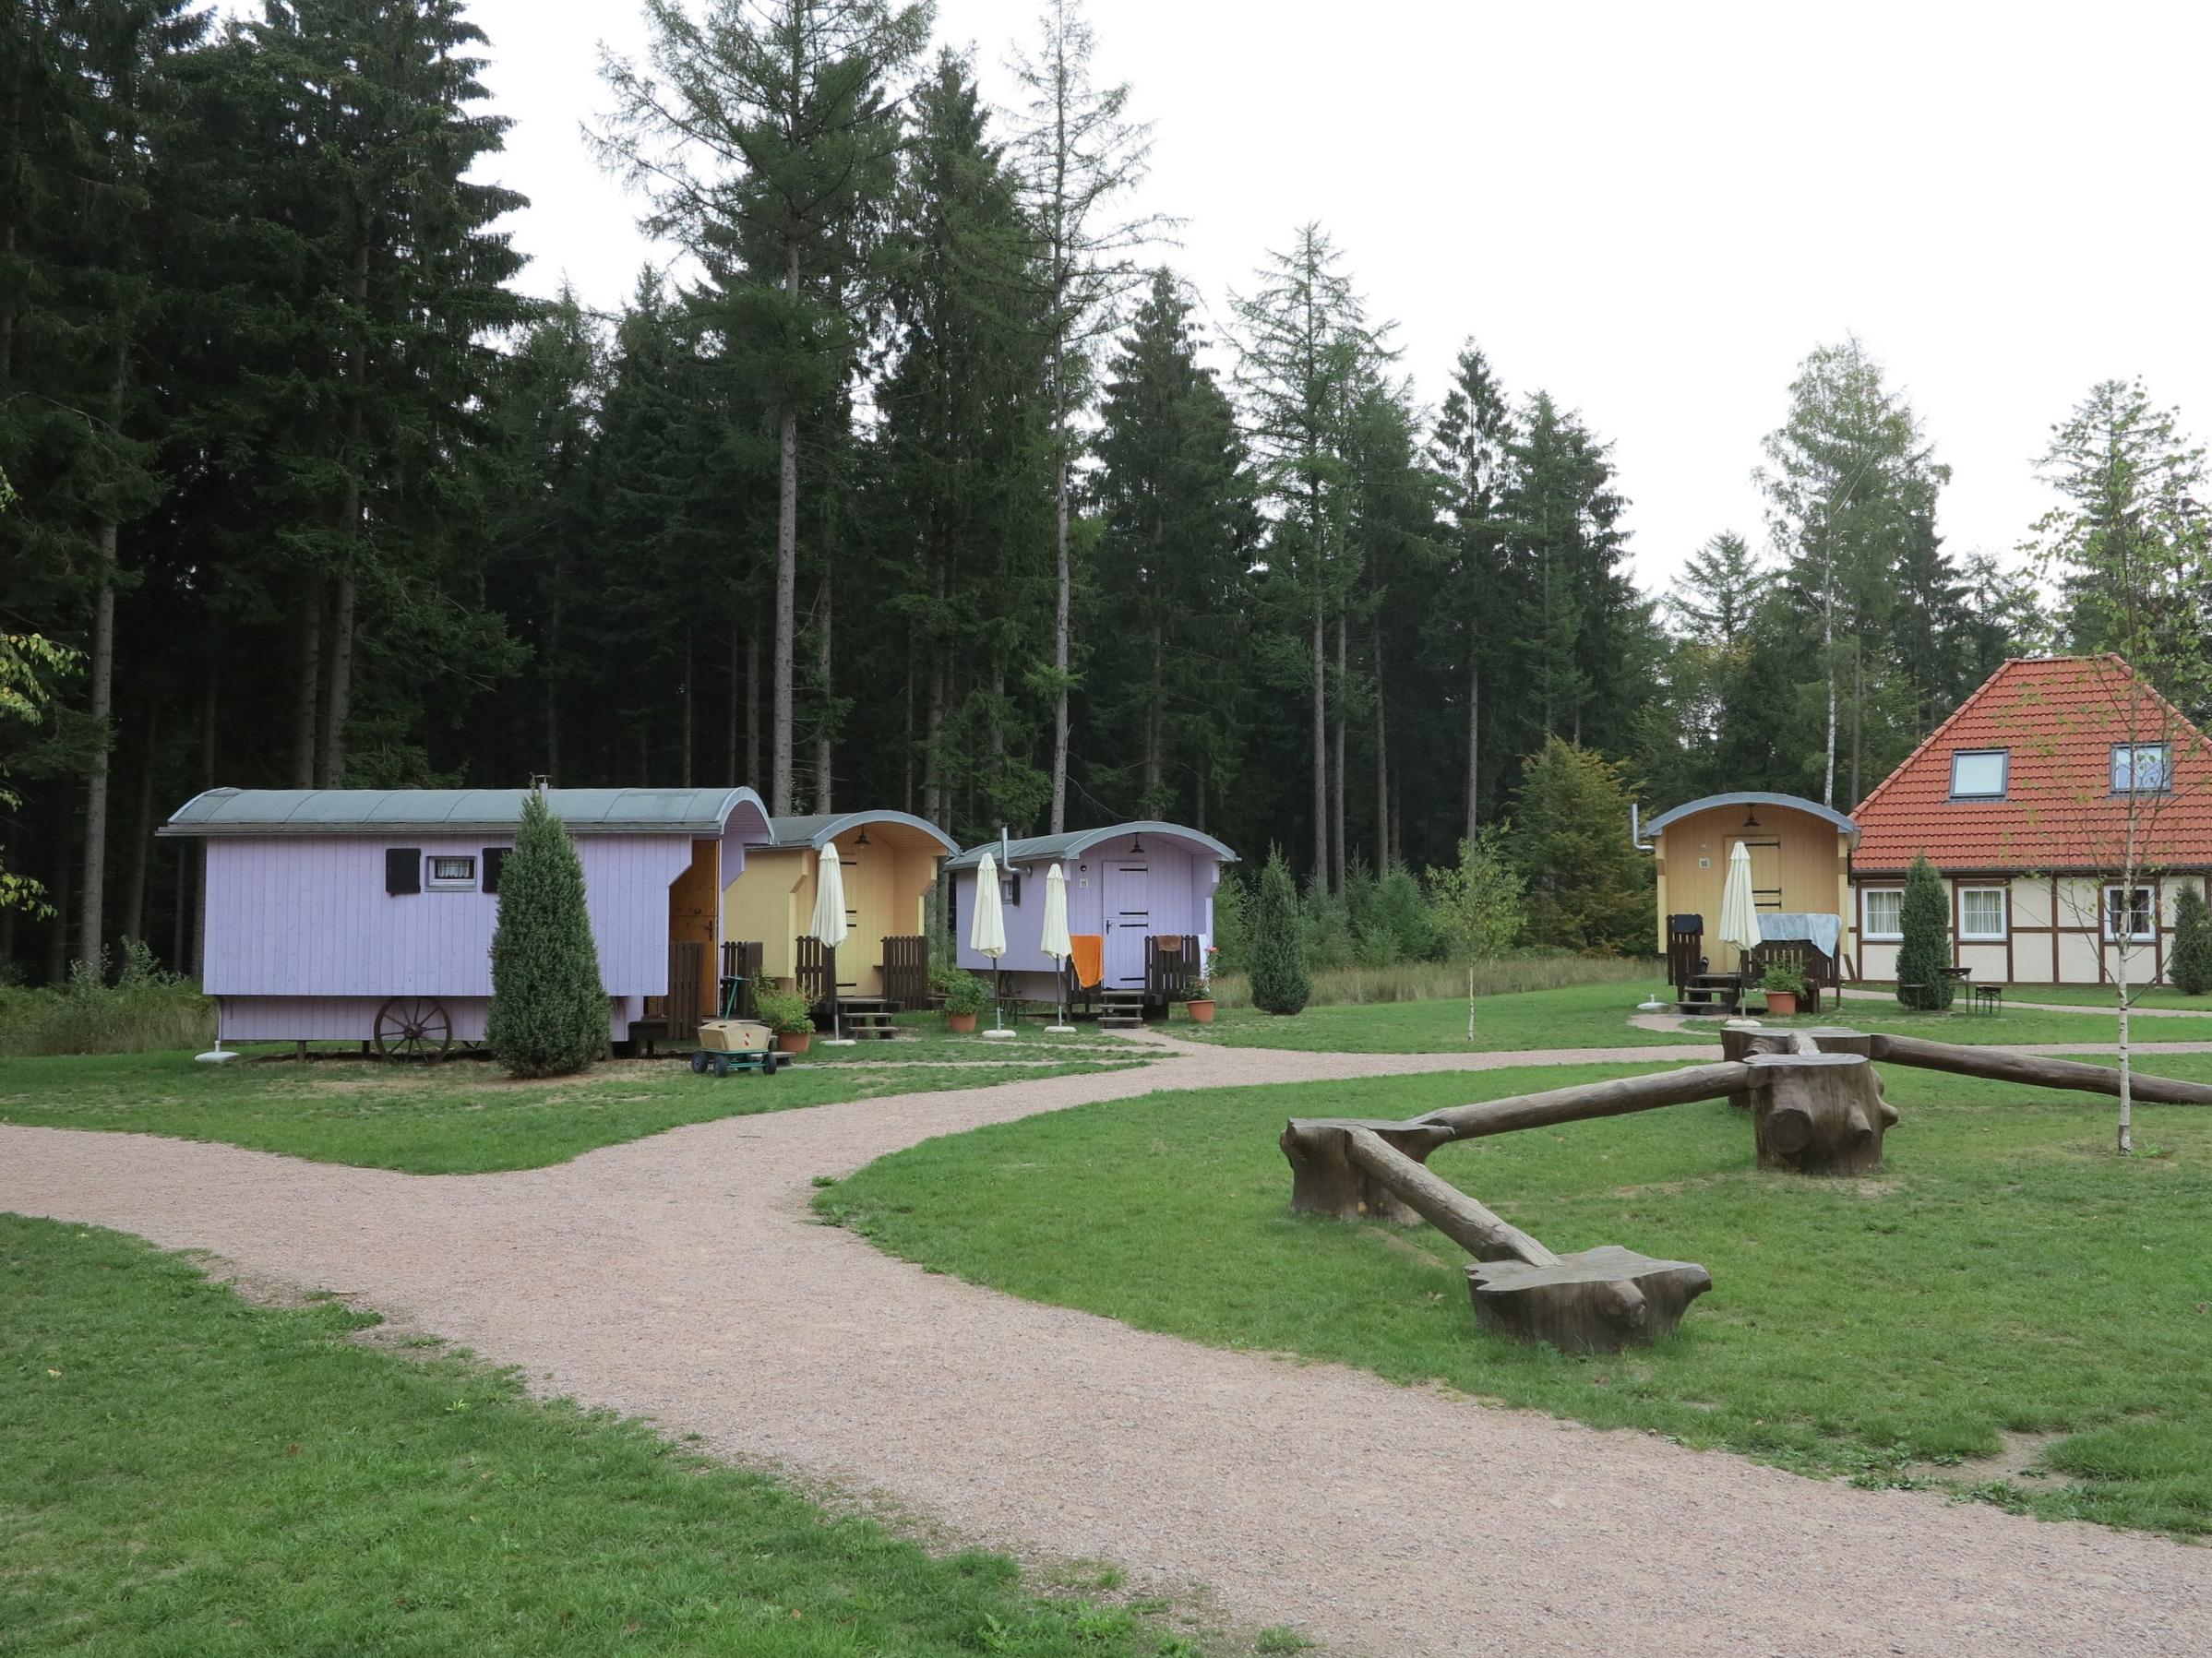 Wie ein Dorf sind Wagen und Häuser angelegt